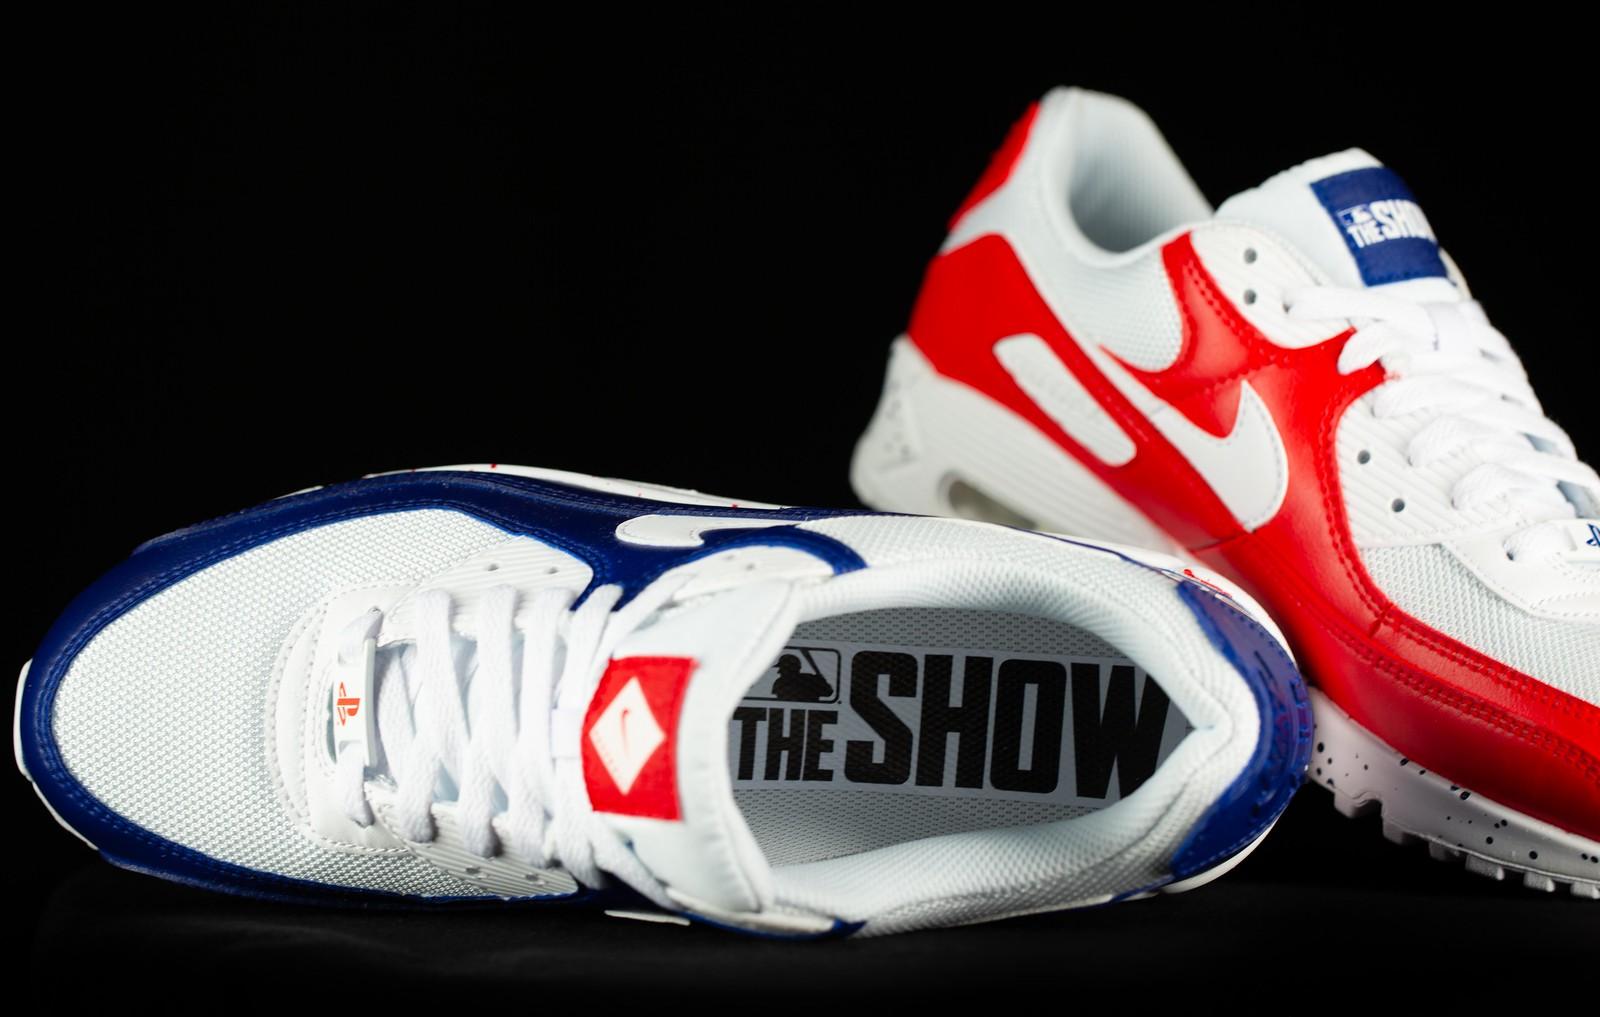 Nike x PlayStation MLB The Show 20 Air Max 90